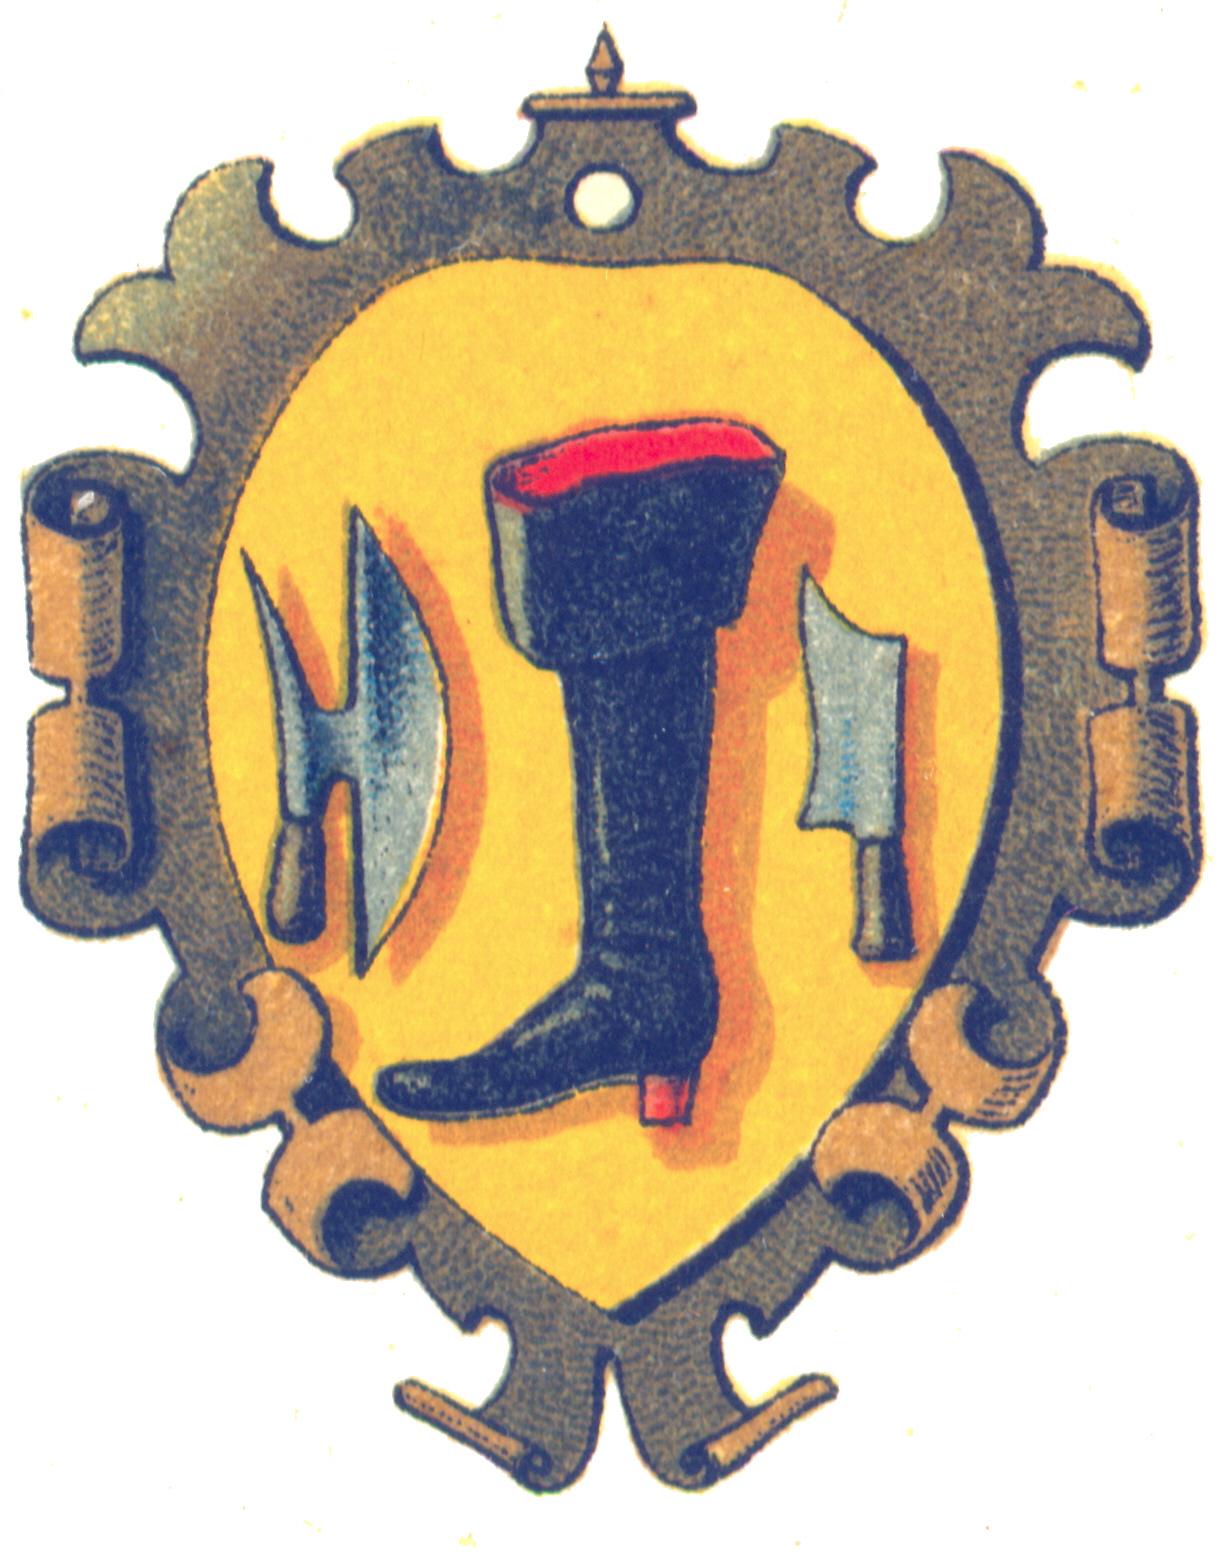 жилфонд герб сапожника в средневековье картинки разбираться, что